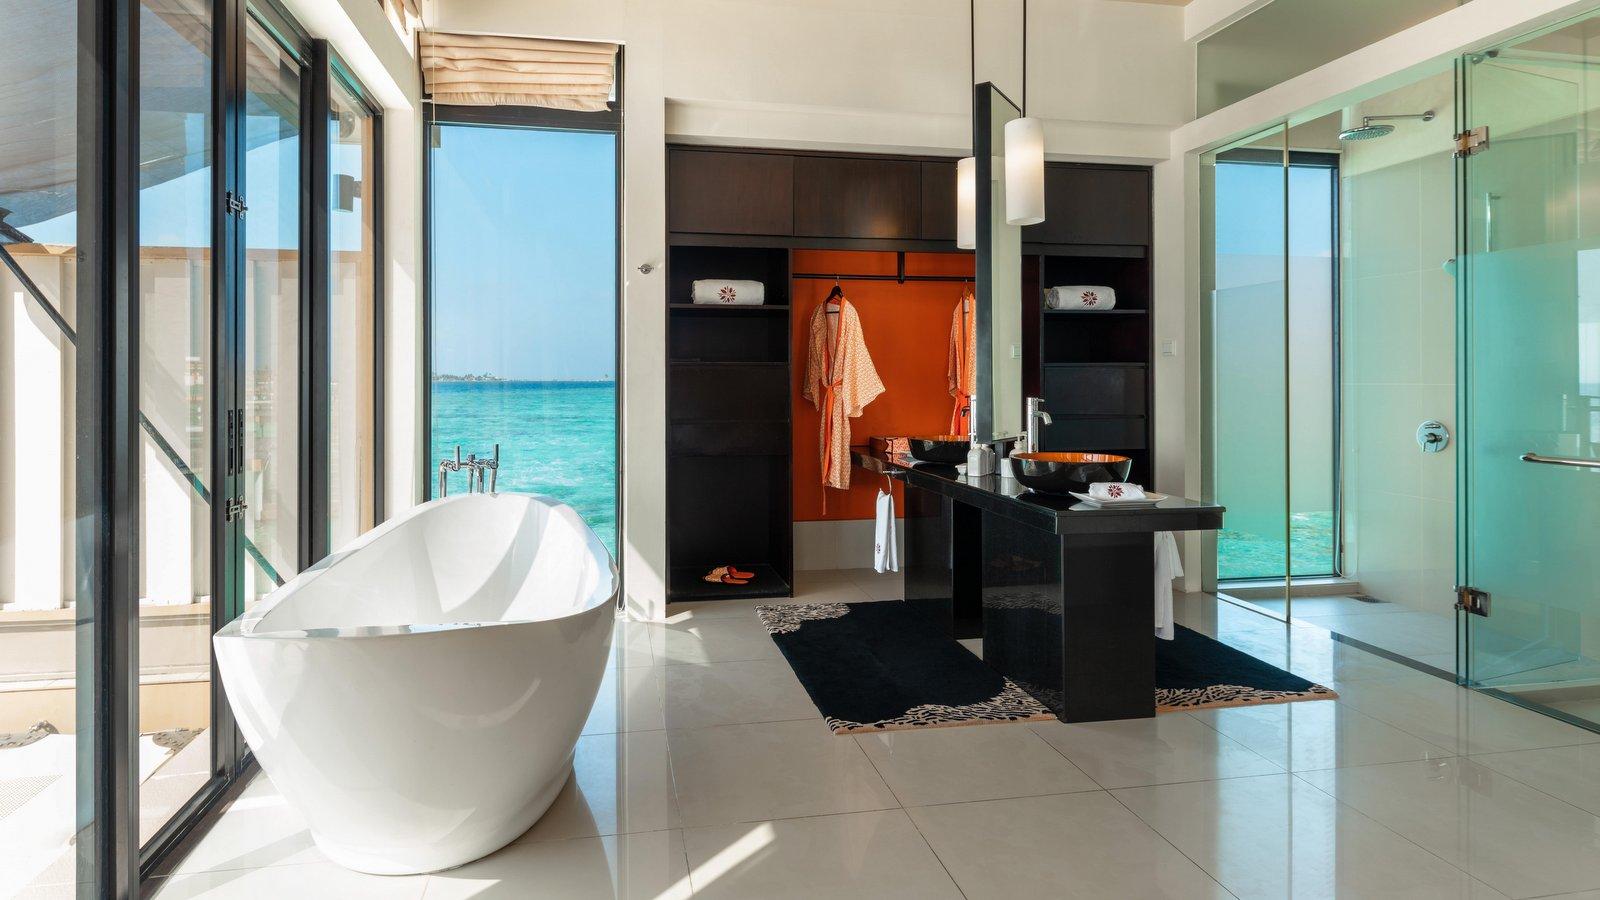 Мальдивы, отель Angsana Velavaru, номер InOcean Pool Villa